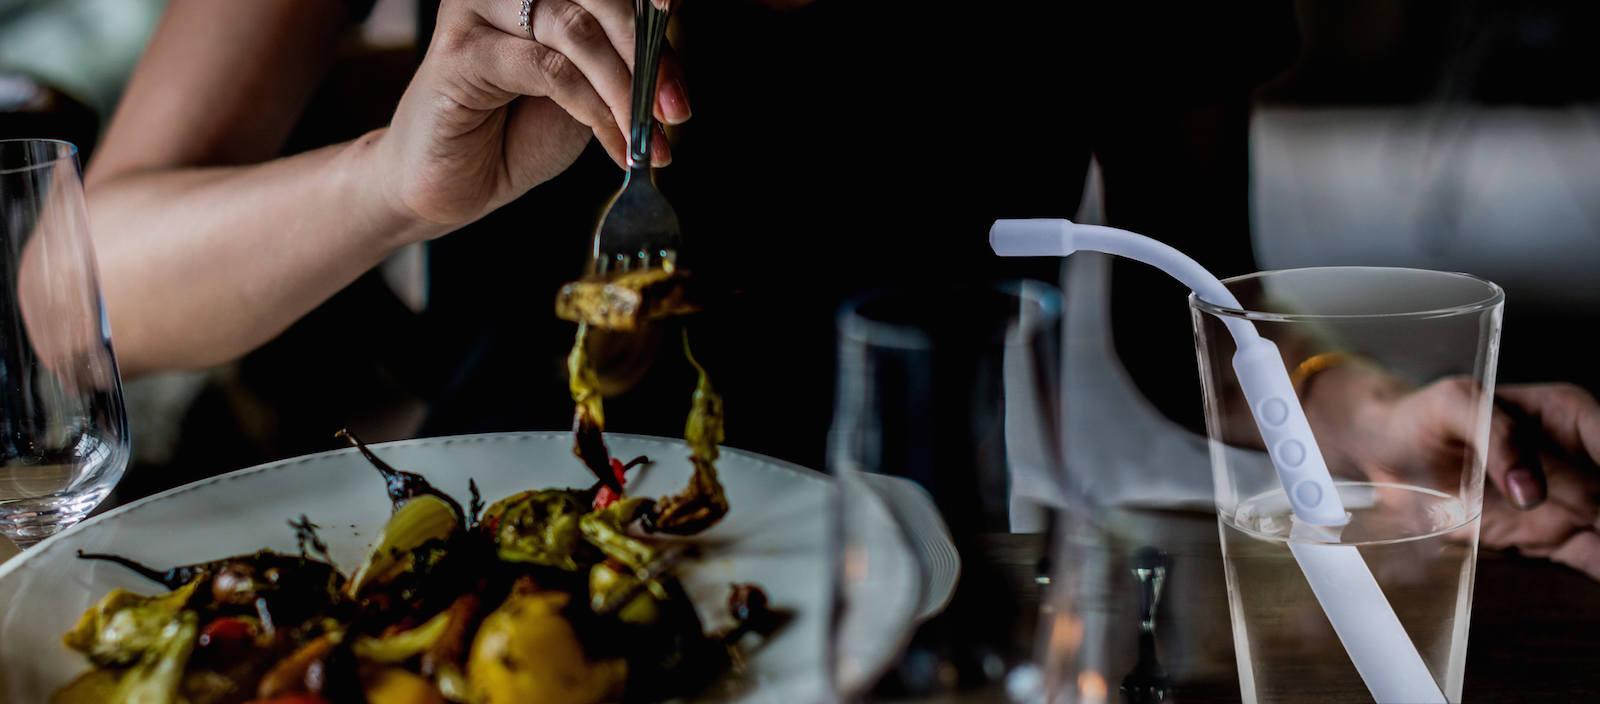 Speciální brčko Zen Eating pomáhá vytvářet lepší stravovací návyky